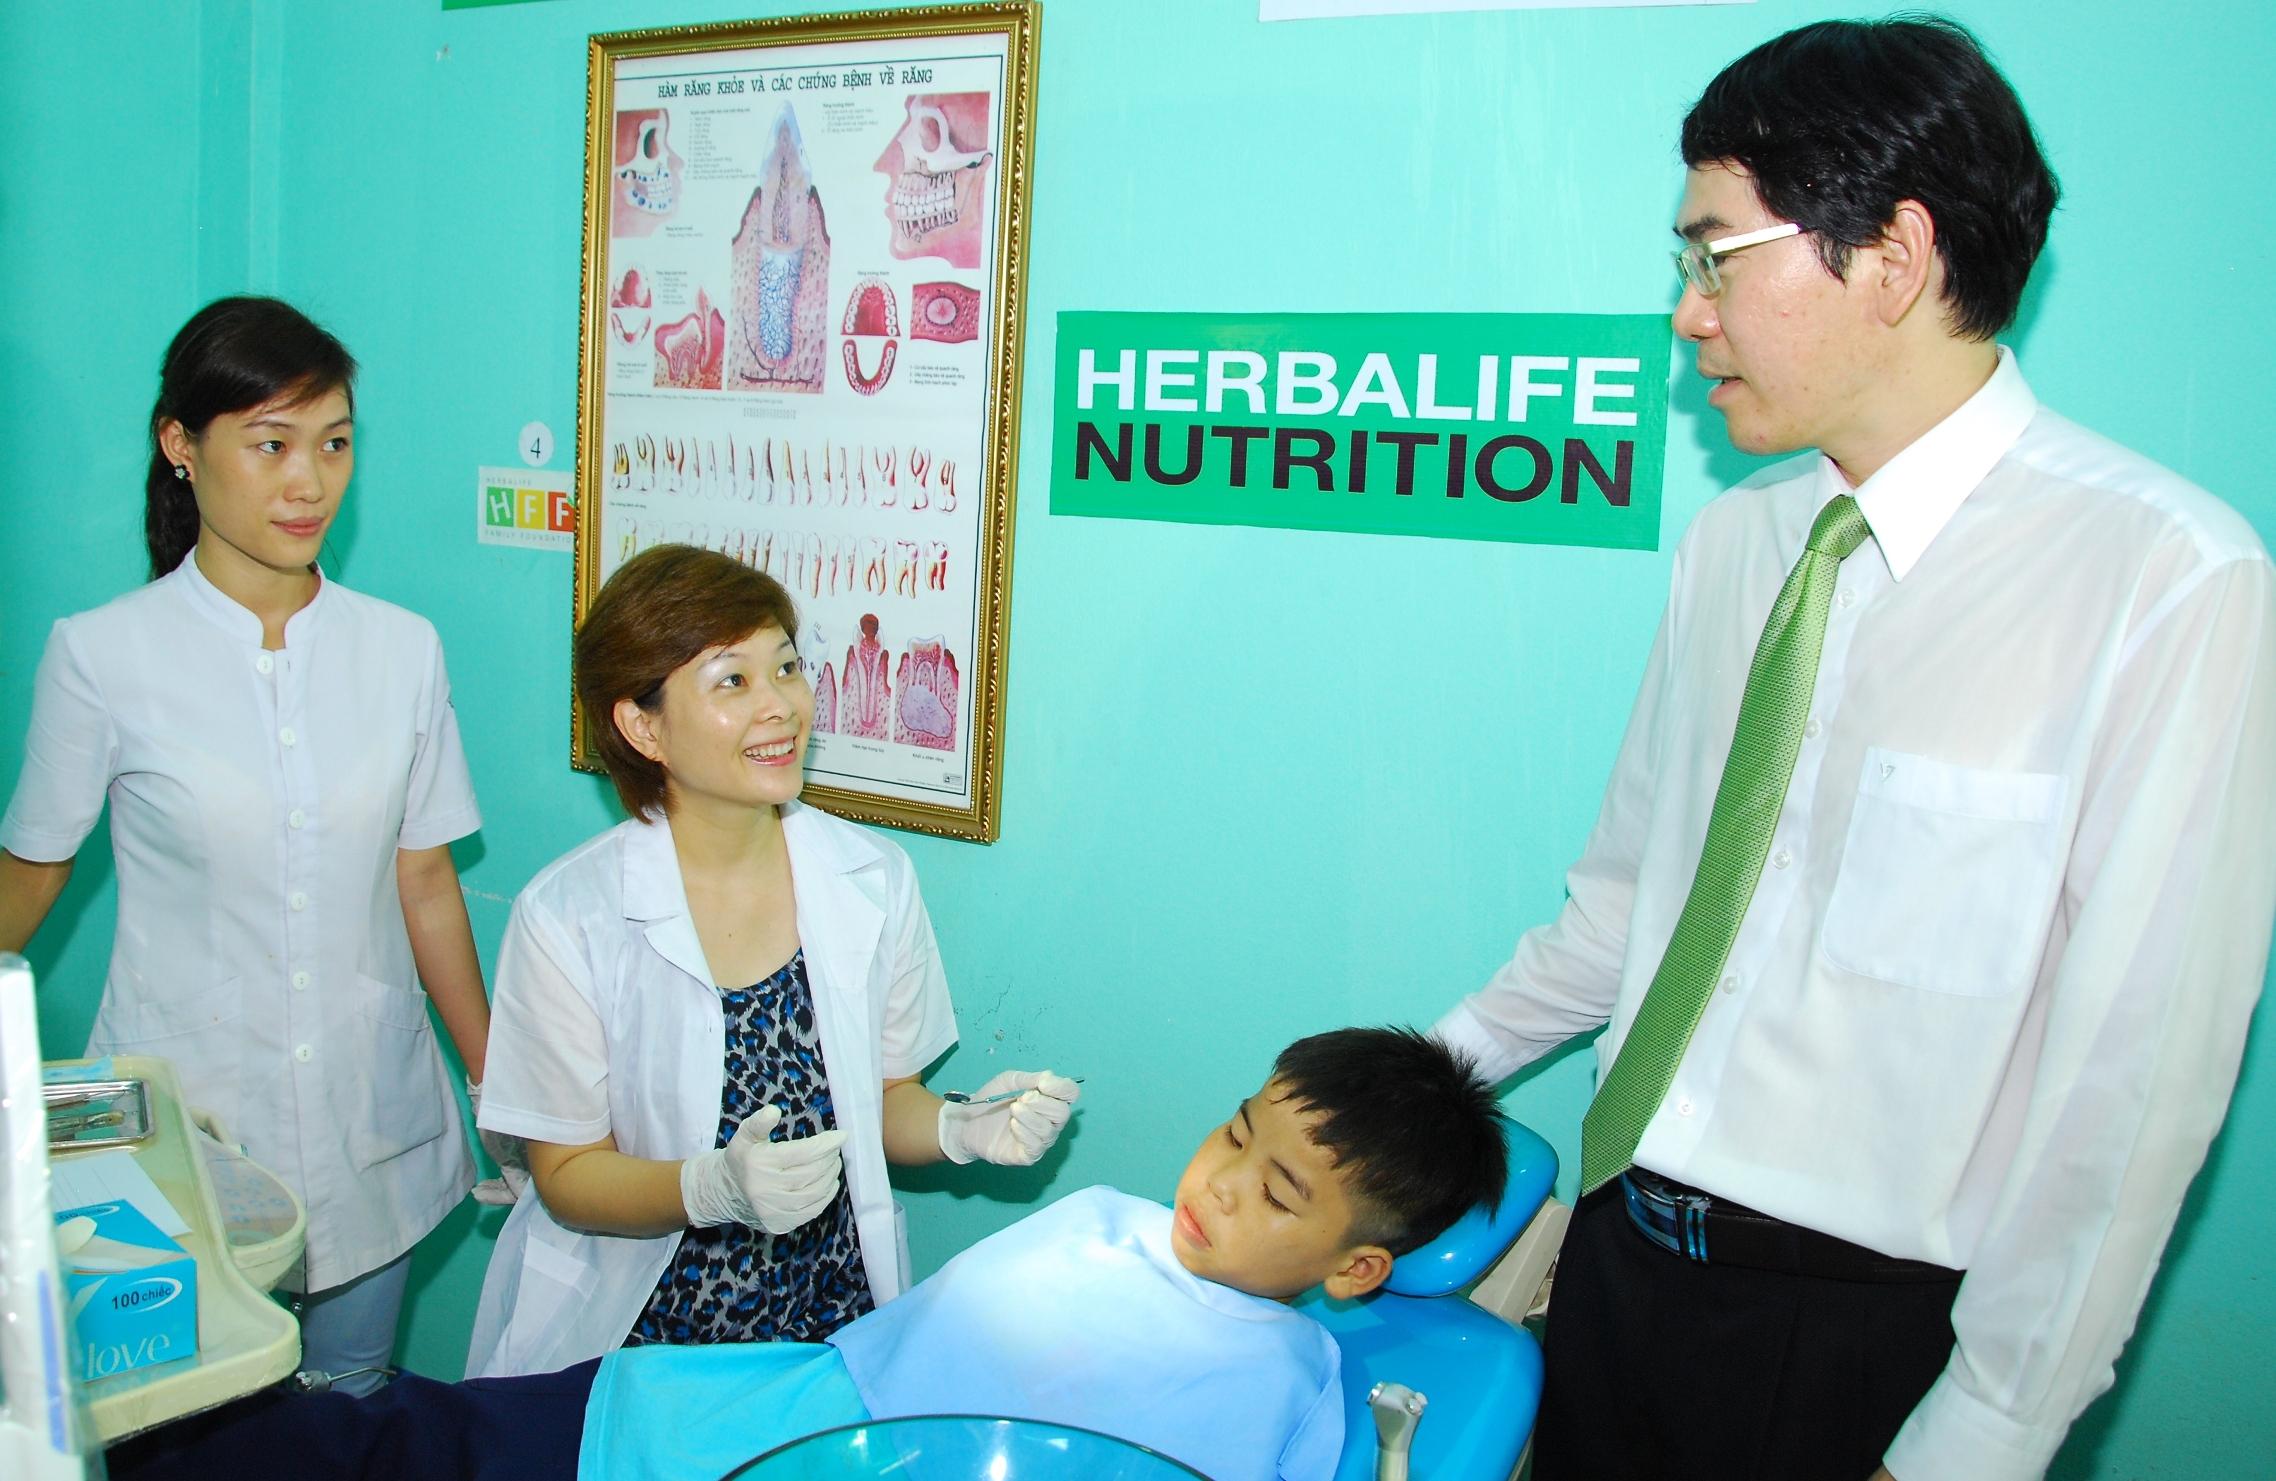 Hebalife tiếp tục sứ mệnh đóng góp cho cộng đồng tại Bình Định  2